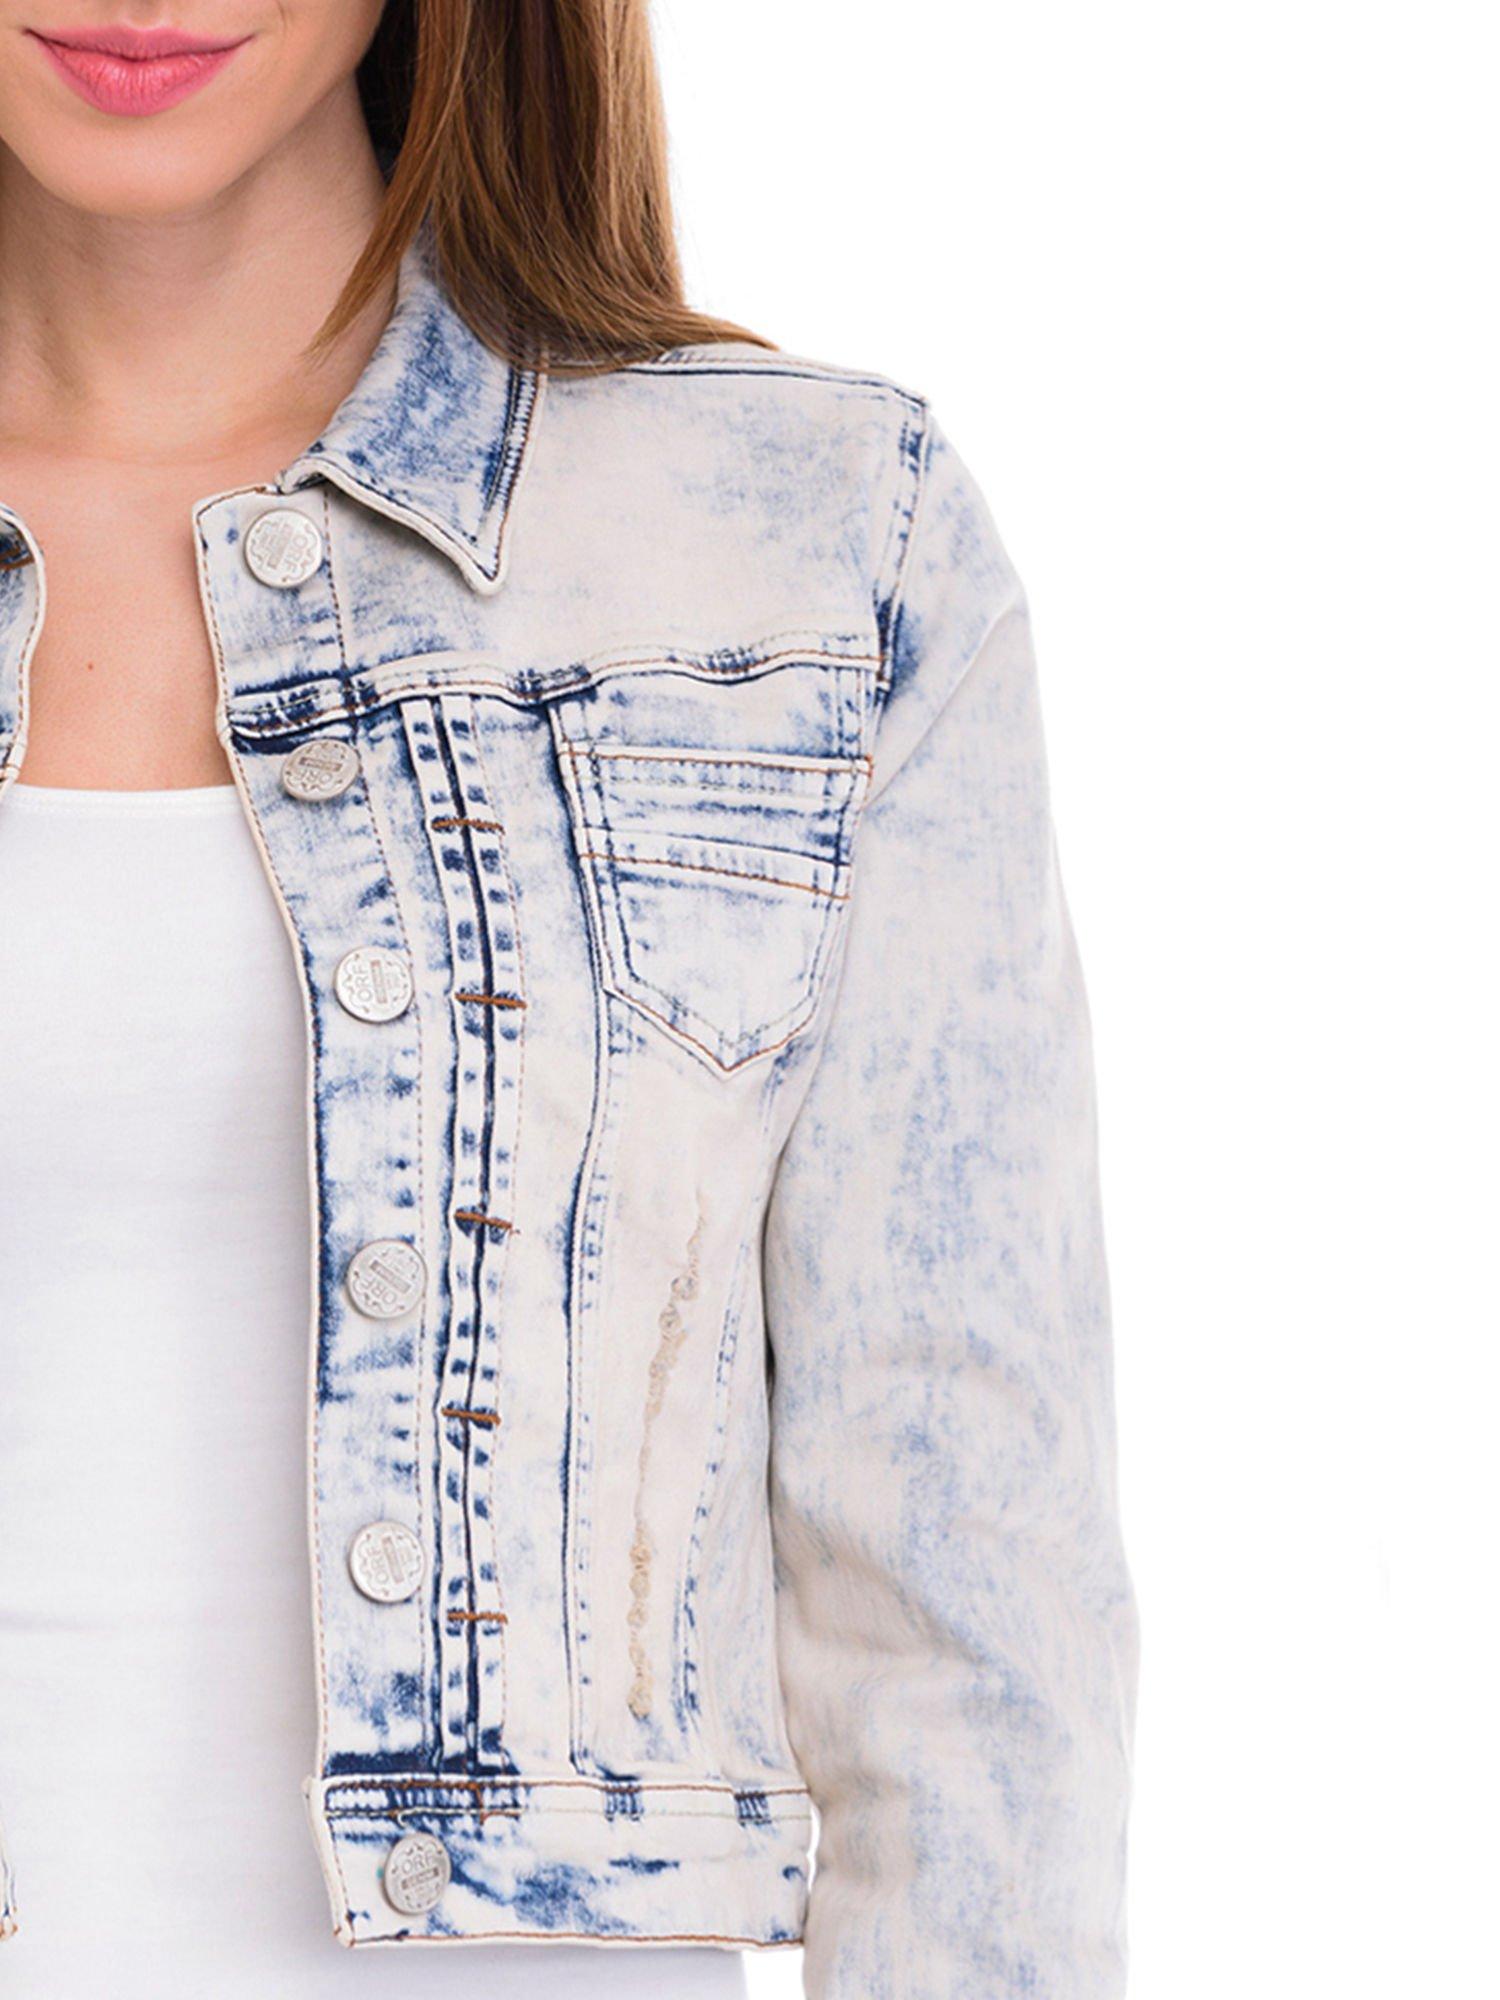 Błękitna kurtka jeansowa damska z marmurkowego denimu                                  zdj.                                  5